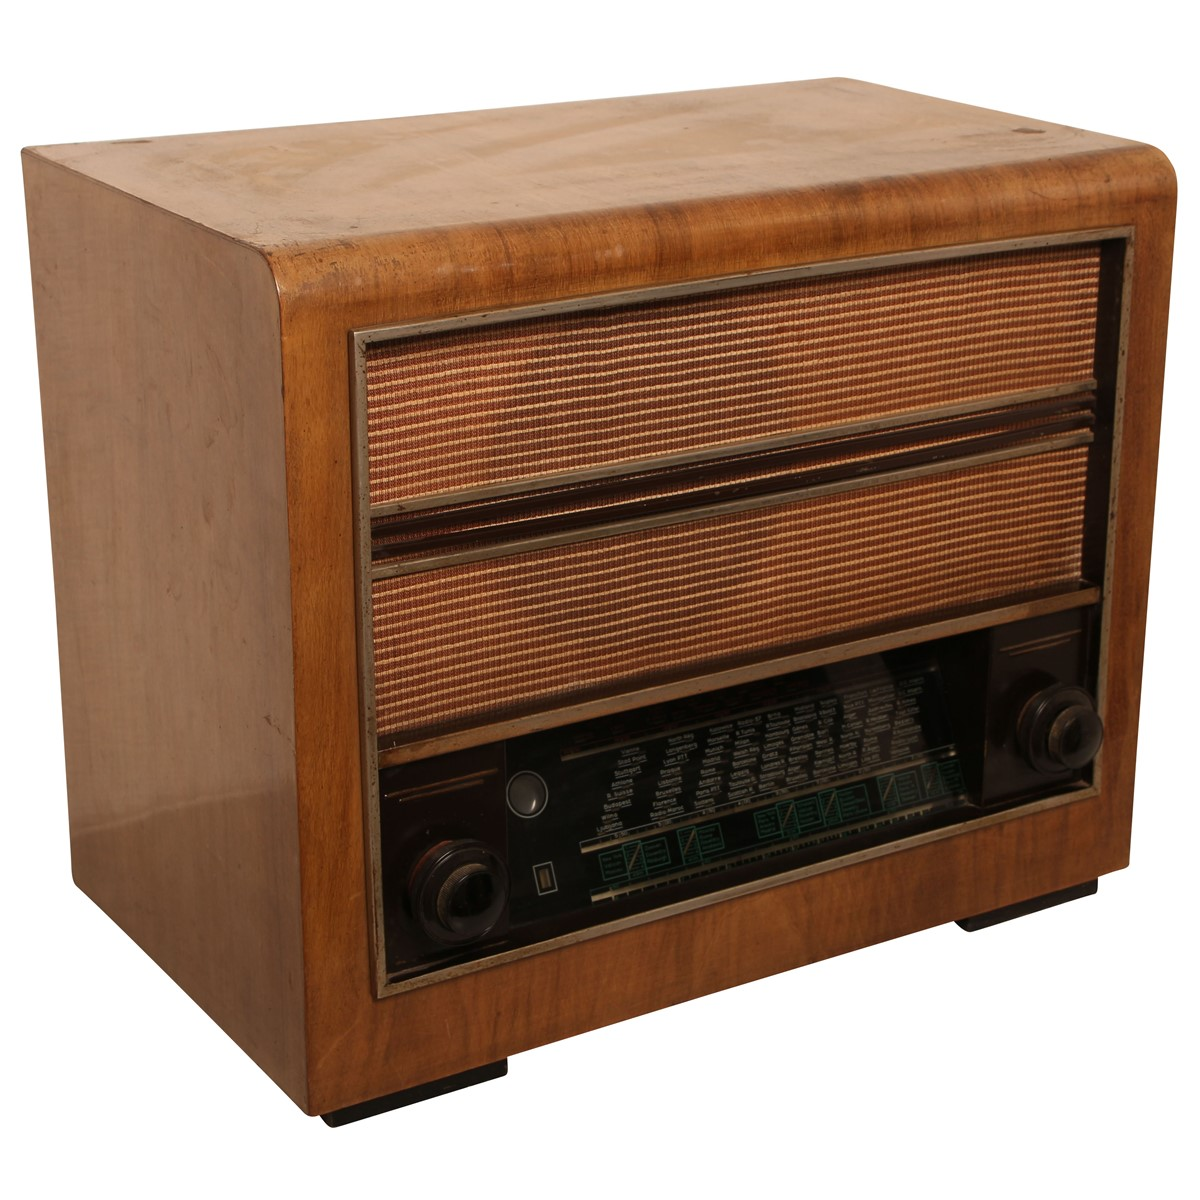 Radio vintage : aimez vous le style vintage ?